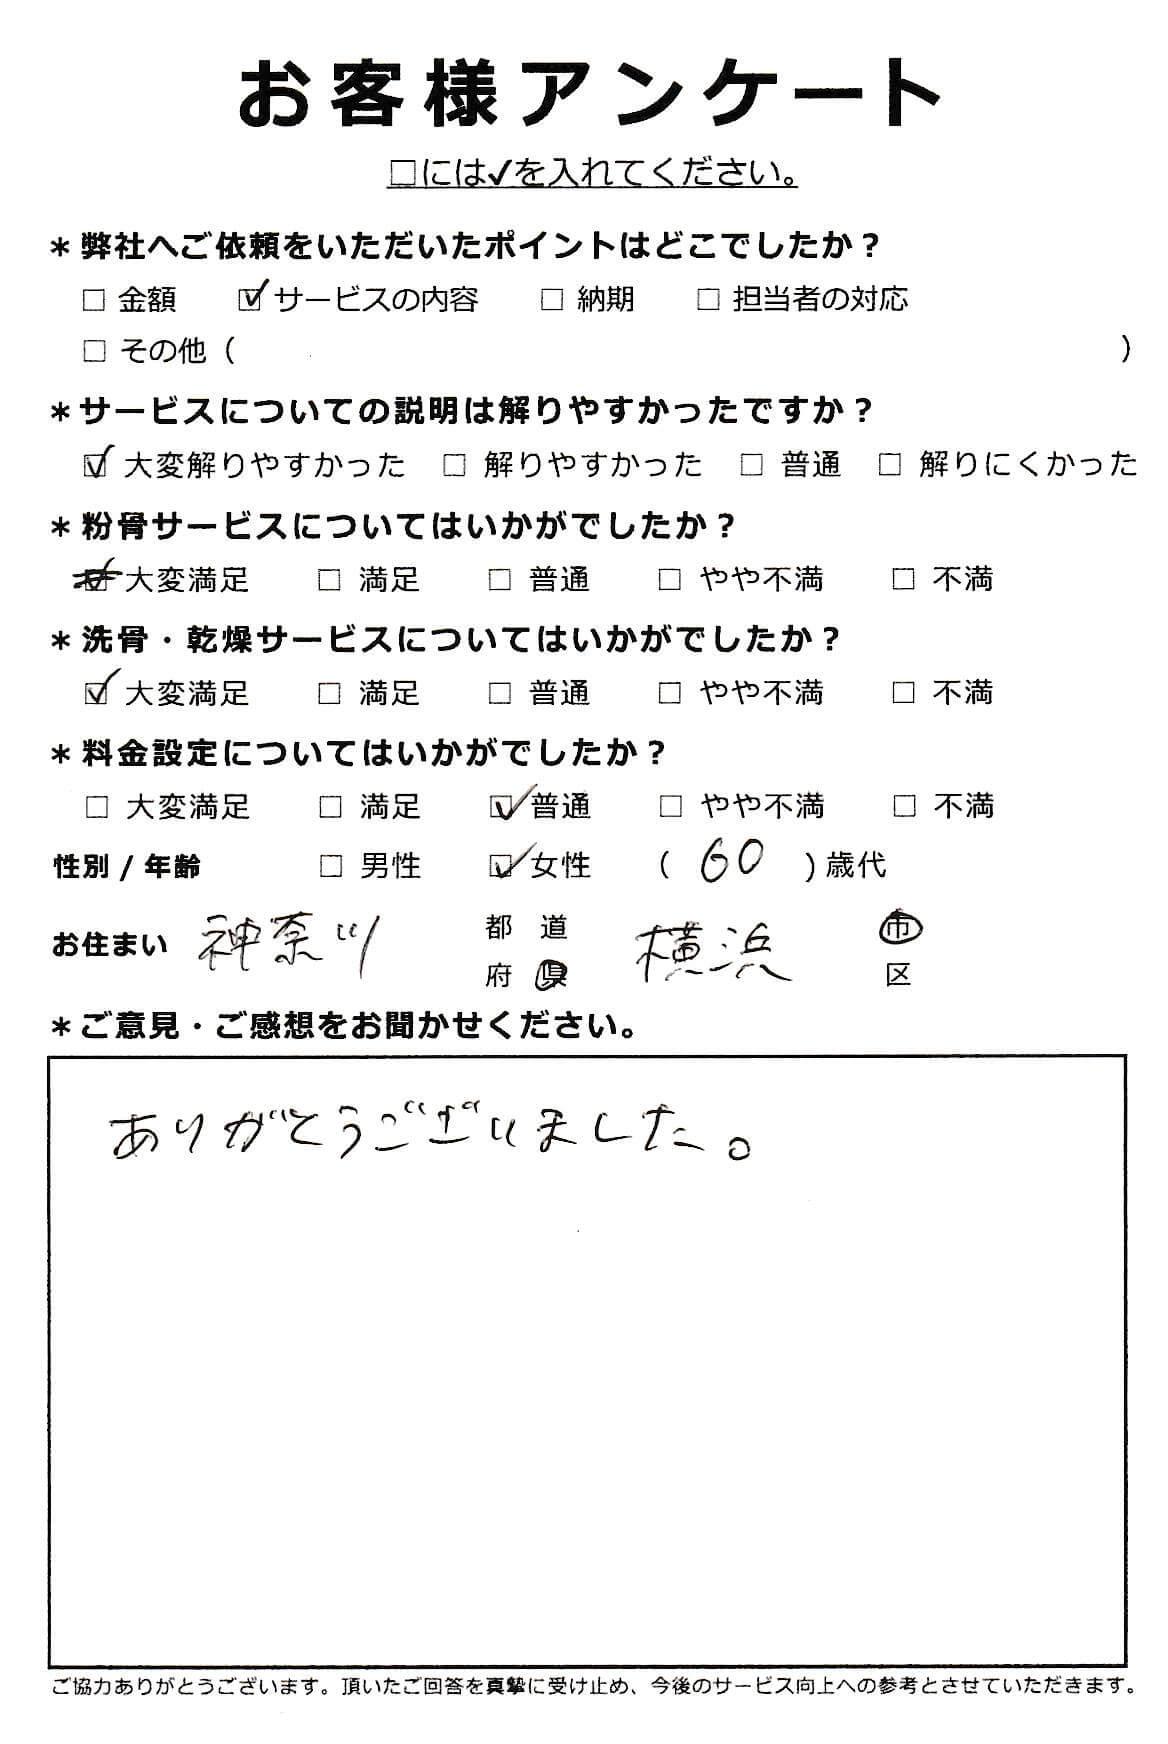 神奈川県横浜市での洗骨・乾燥サービス